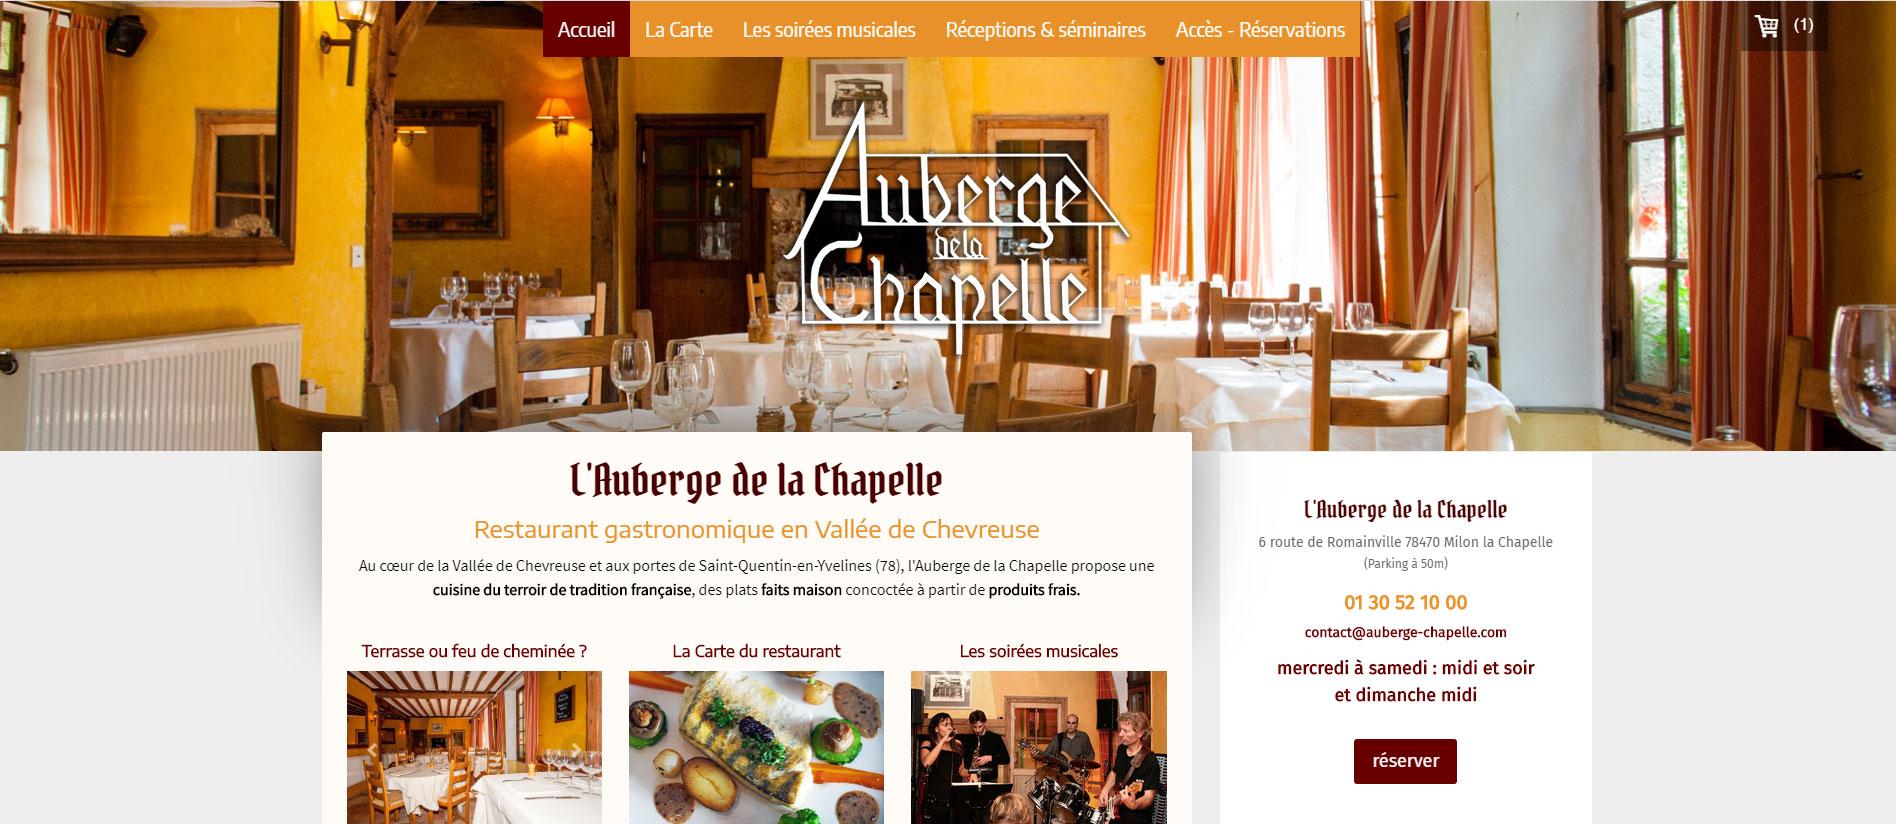 Restaurant gastronomique avec terrasse L'Auberge de la Chapelle (78)